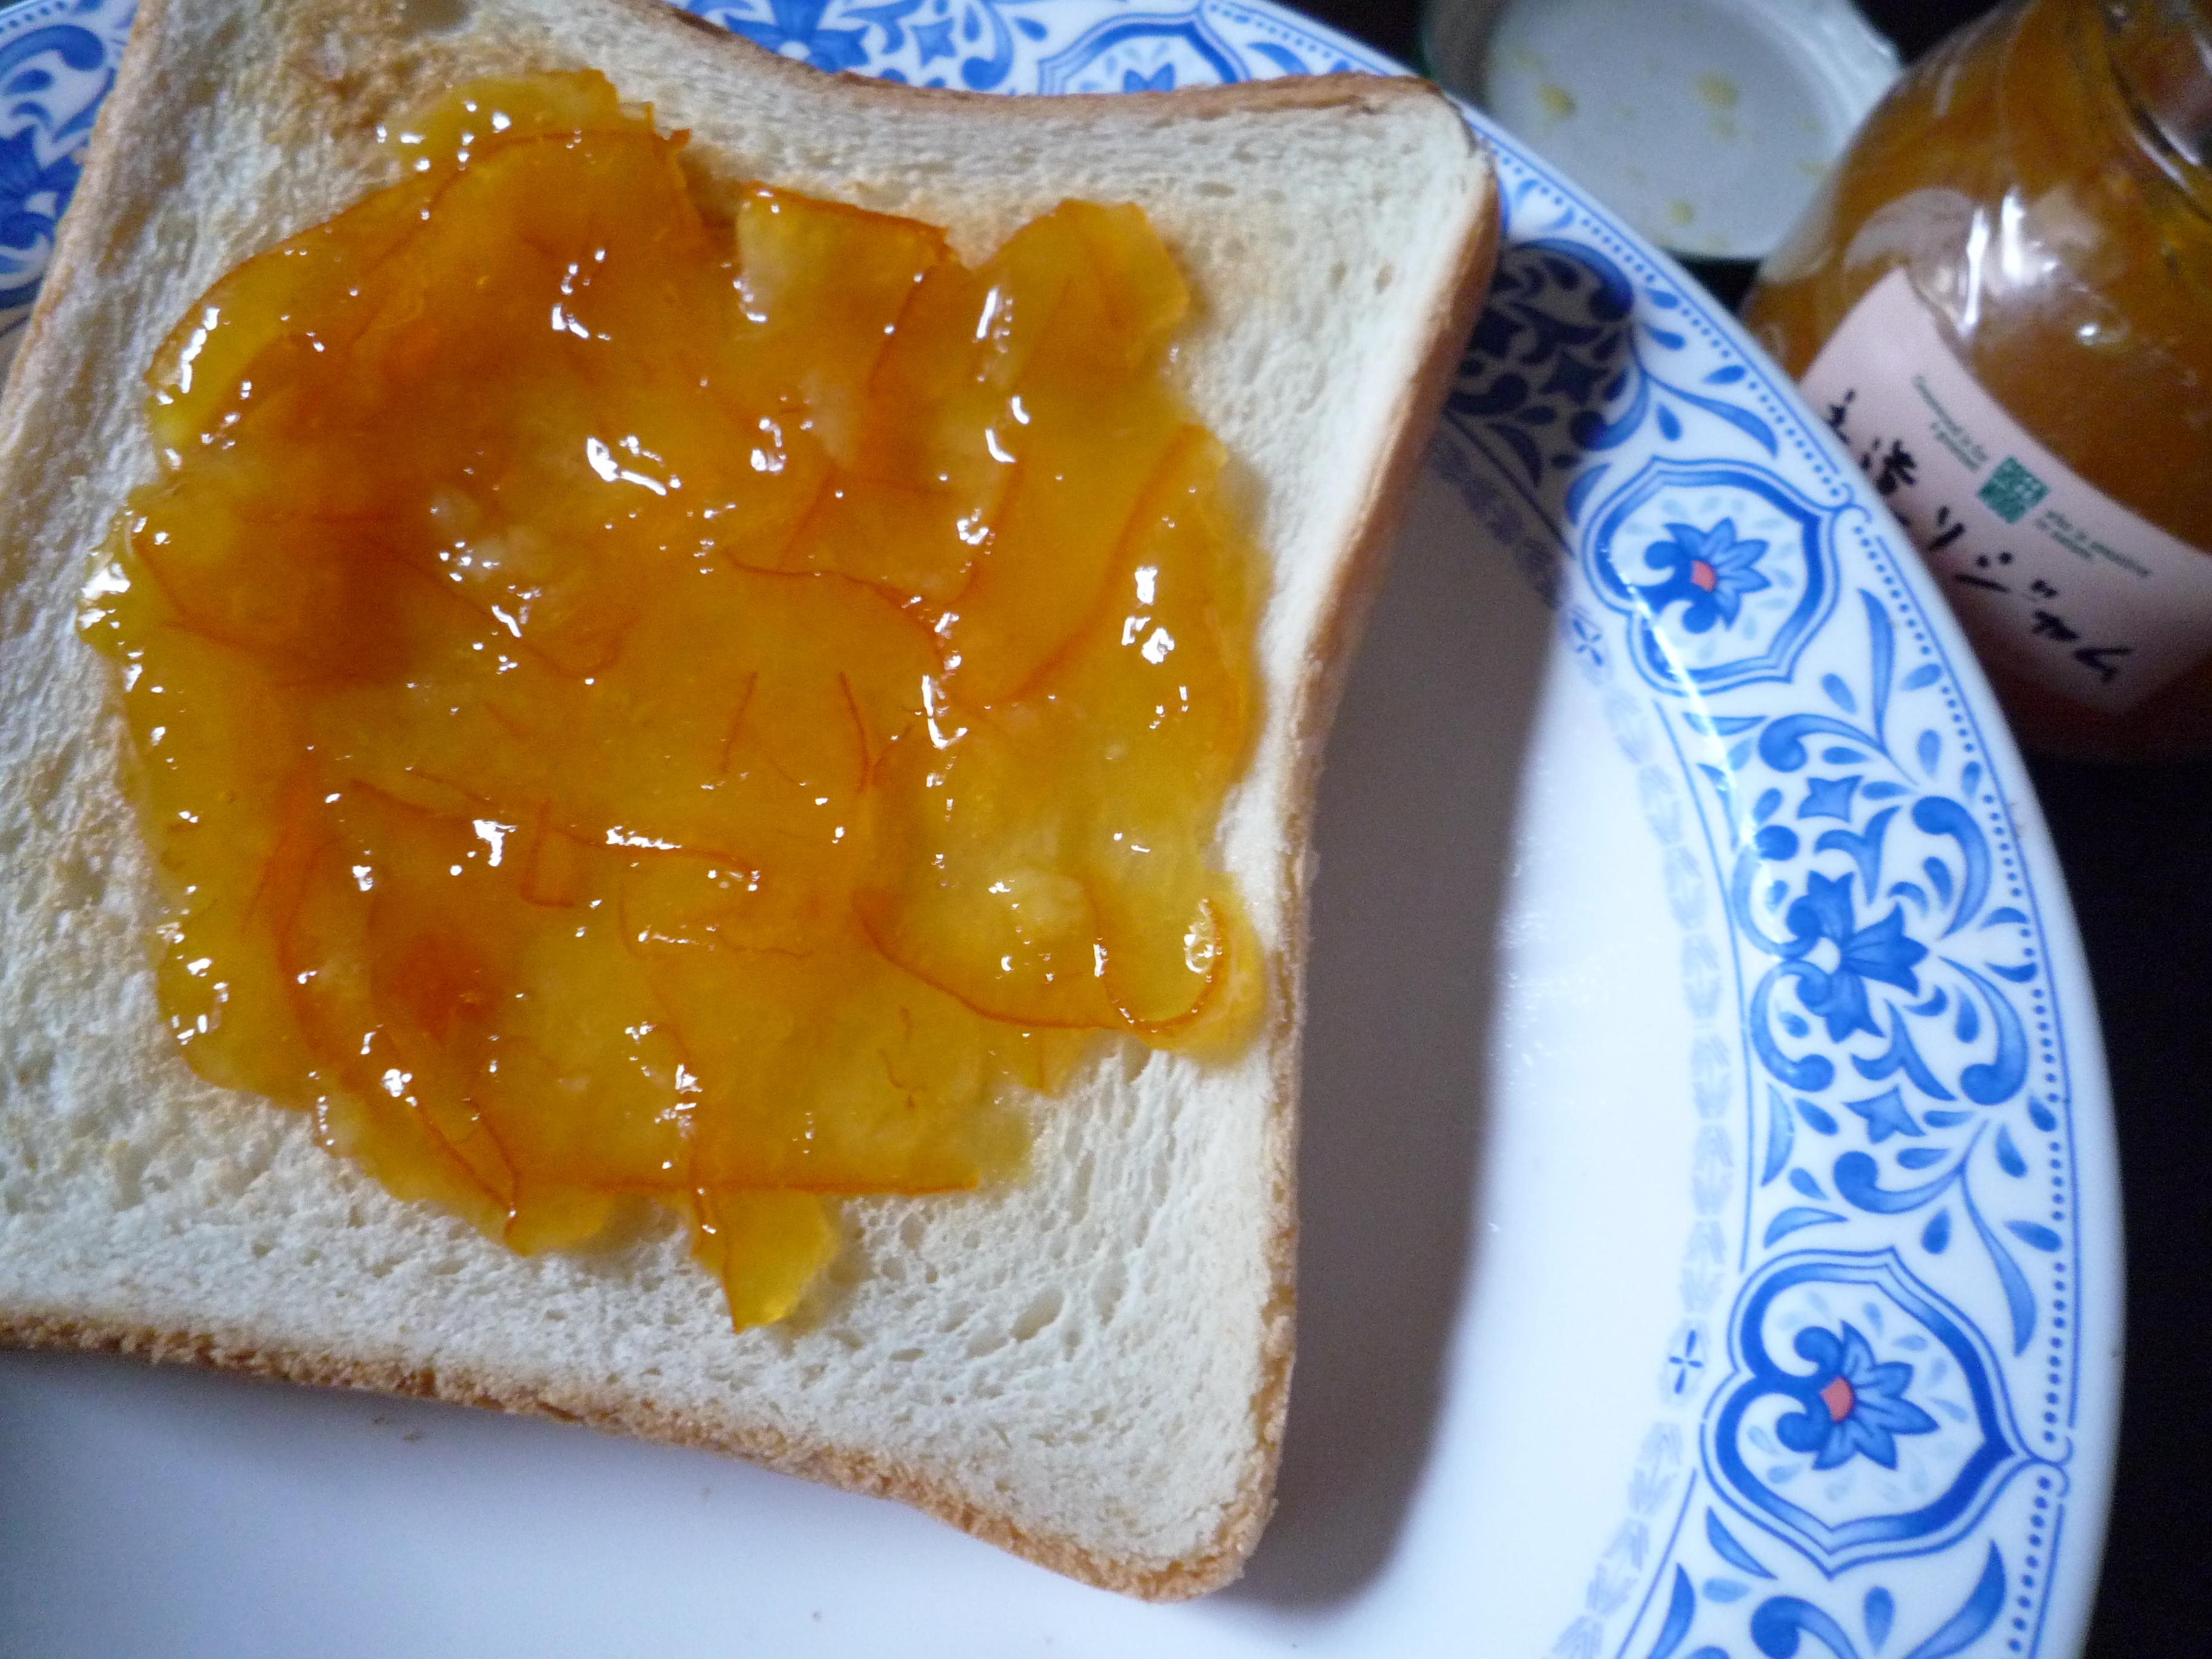 グリーンウッド 手造りジャム オレンジマーマレード パン